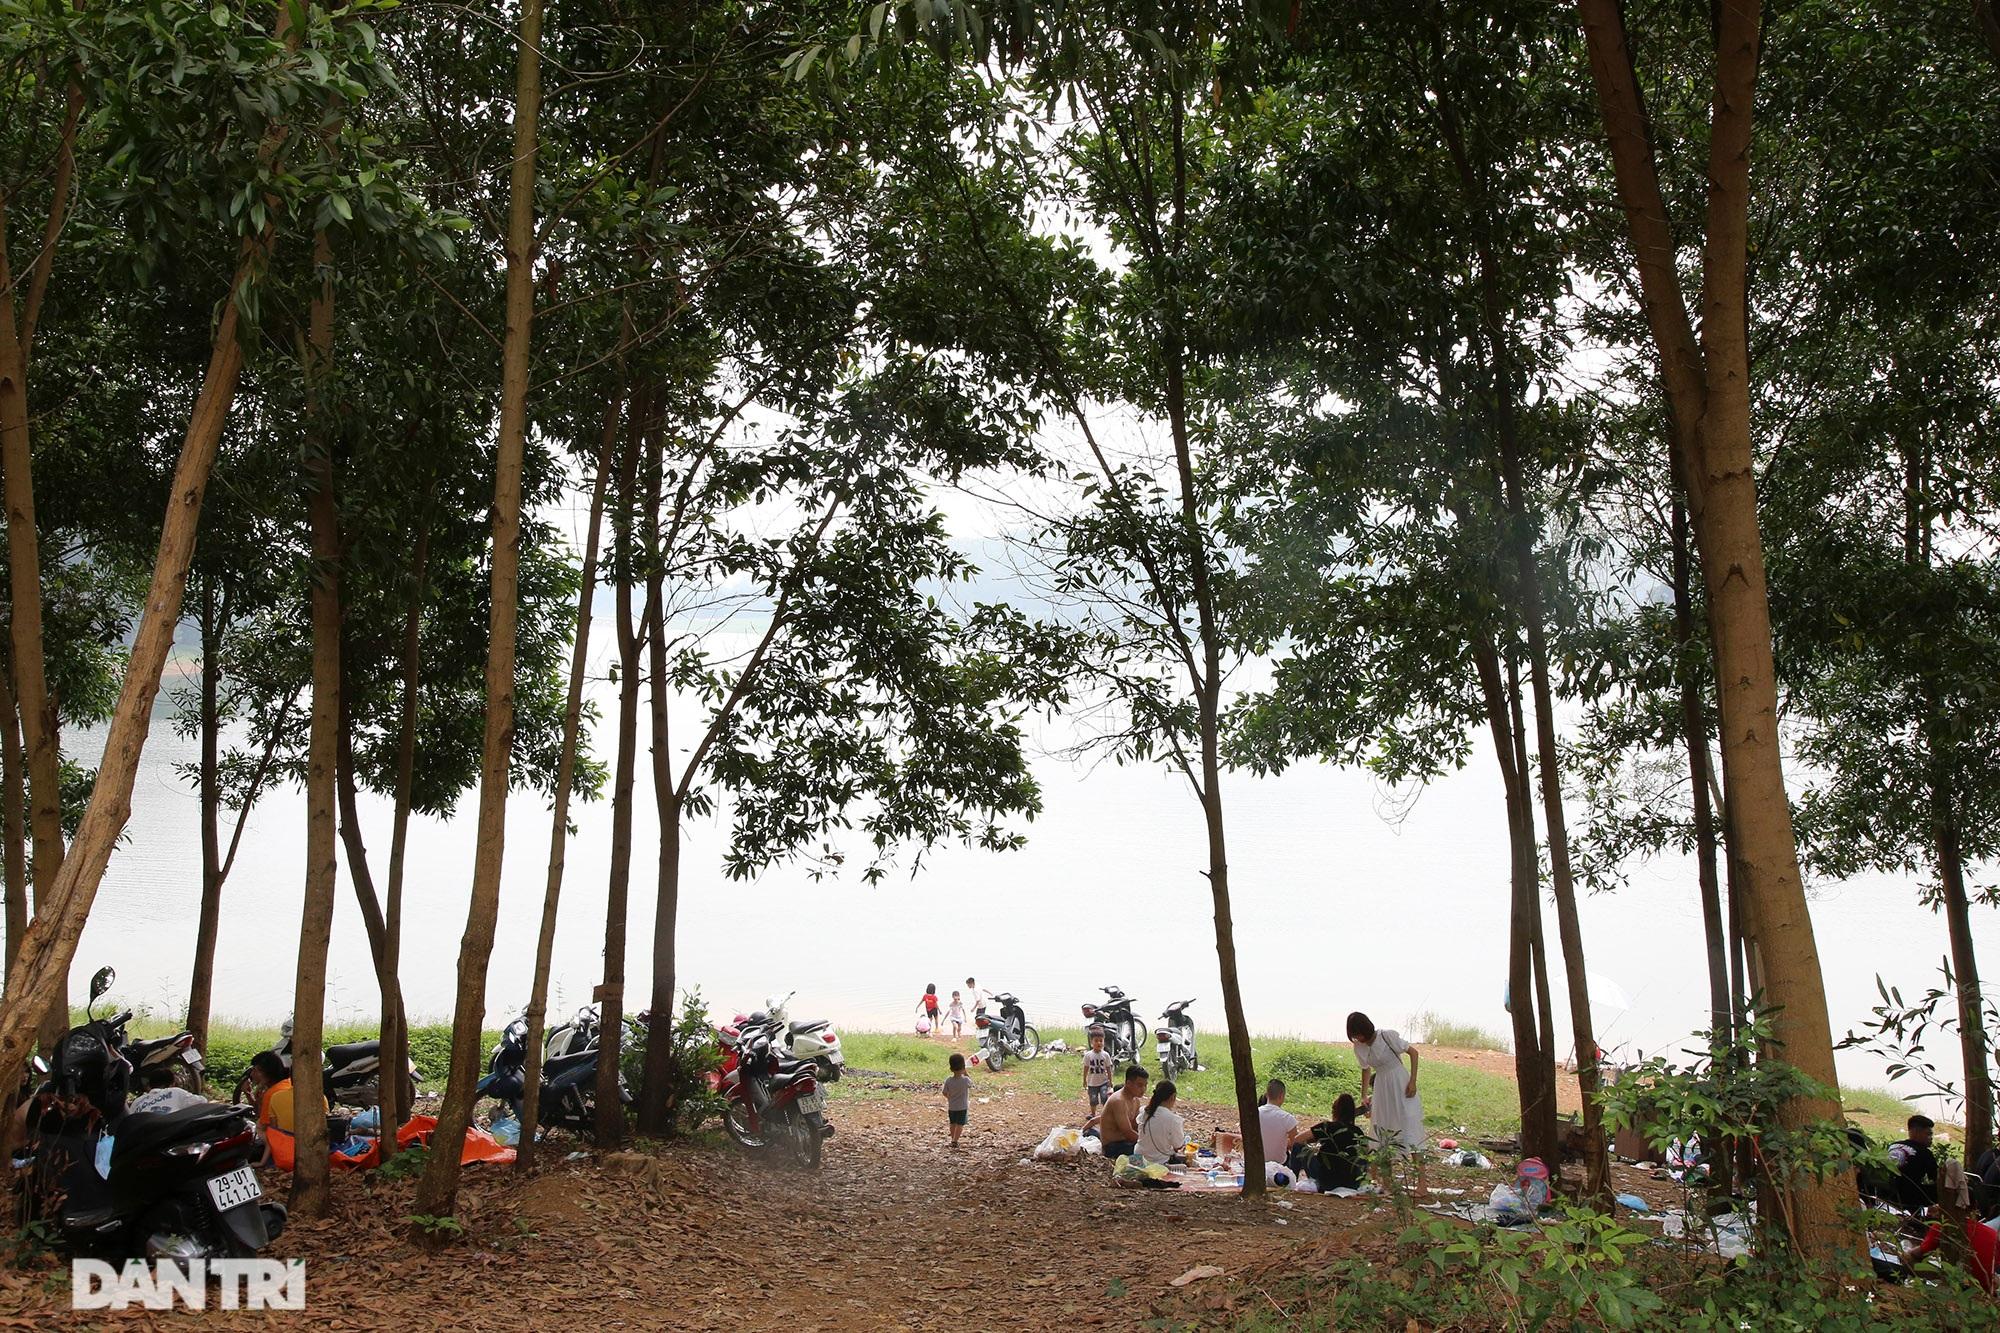 Dù có biển cấm tụ tập, hồ Đồng Mô vẫn tấp nập người đến cắm trại - 15